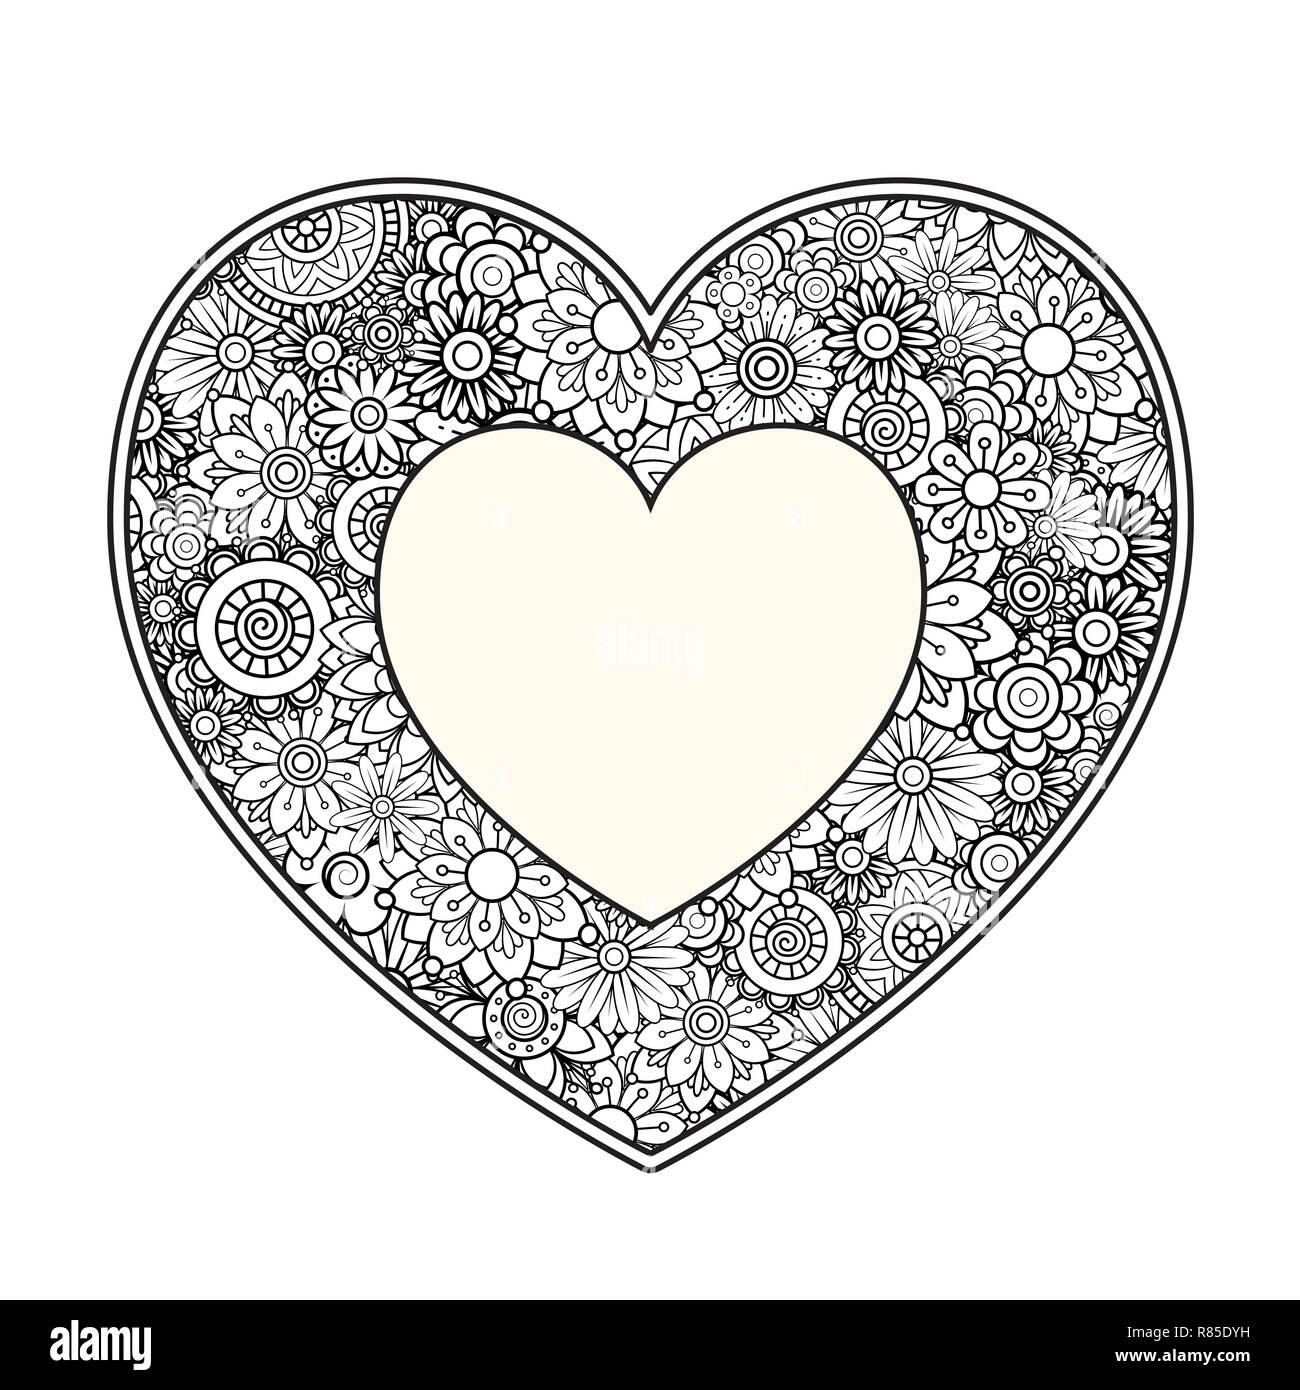 Corazón Con Dibujos Florales Día De San Valentín Adulto